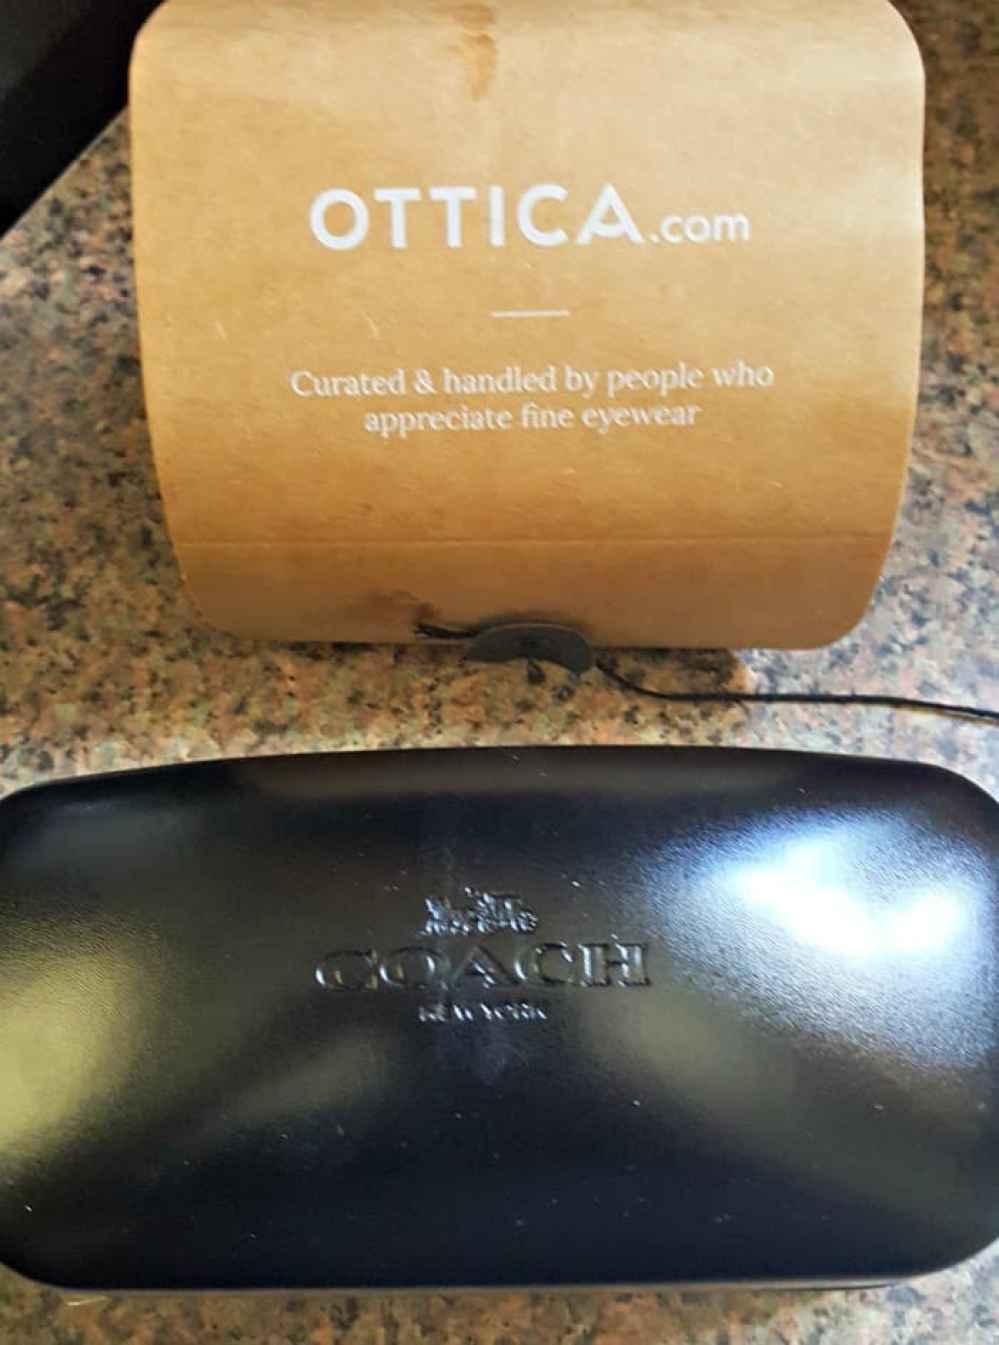 ottica coach prescription sunglasses durable coach case